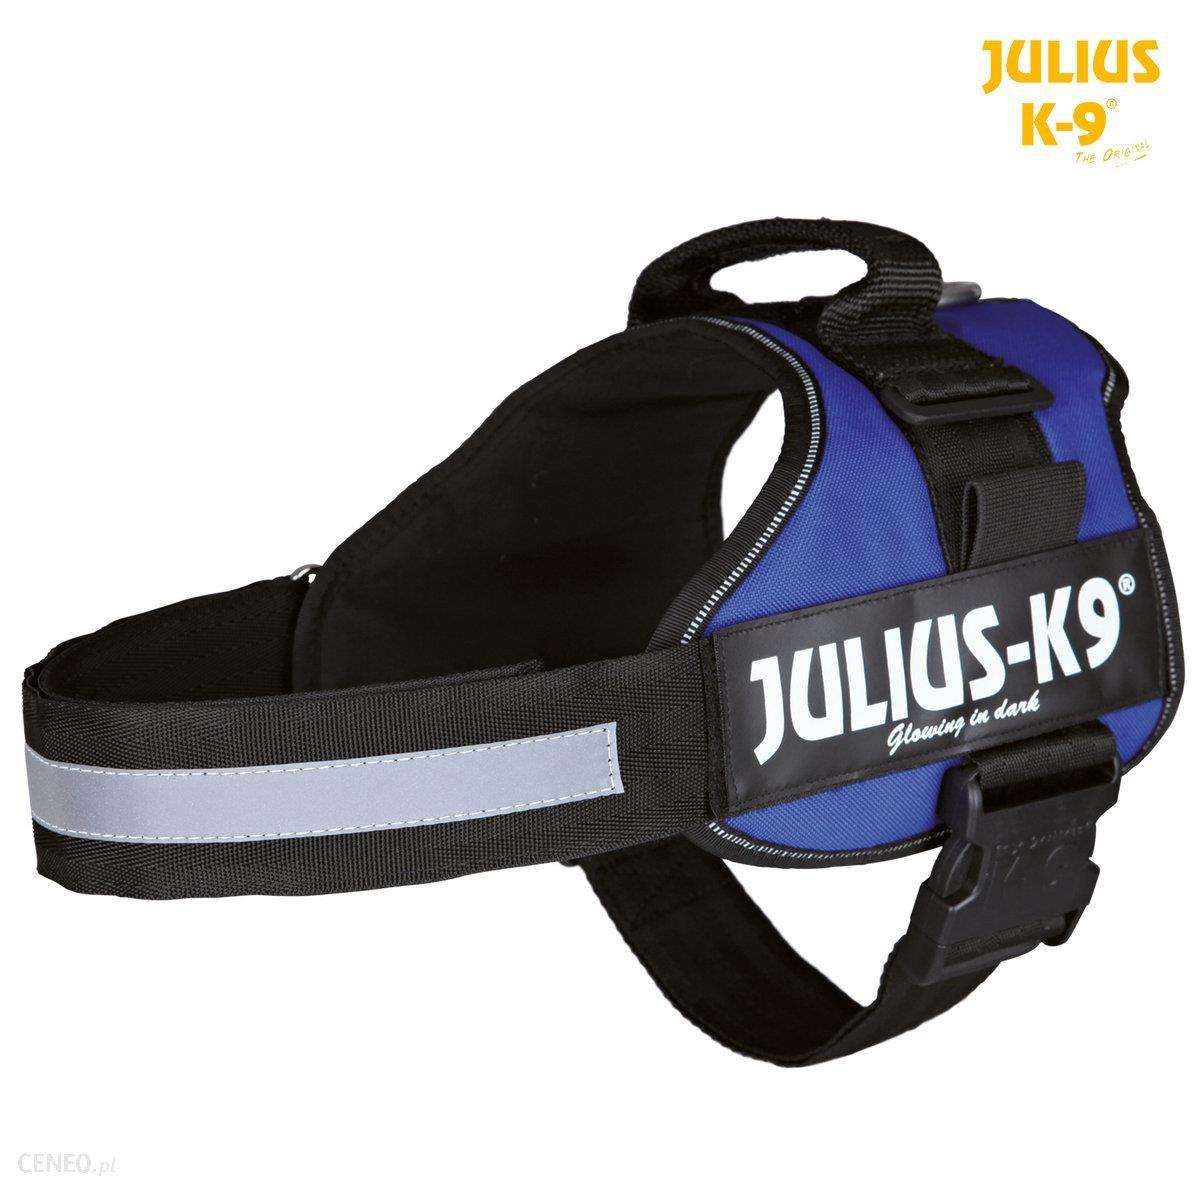 Trixie Szelki Julius-K9 Harness Rozmiar 2 L-Xl 71-96Cm Niebieskie